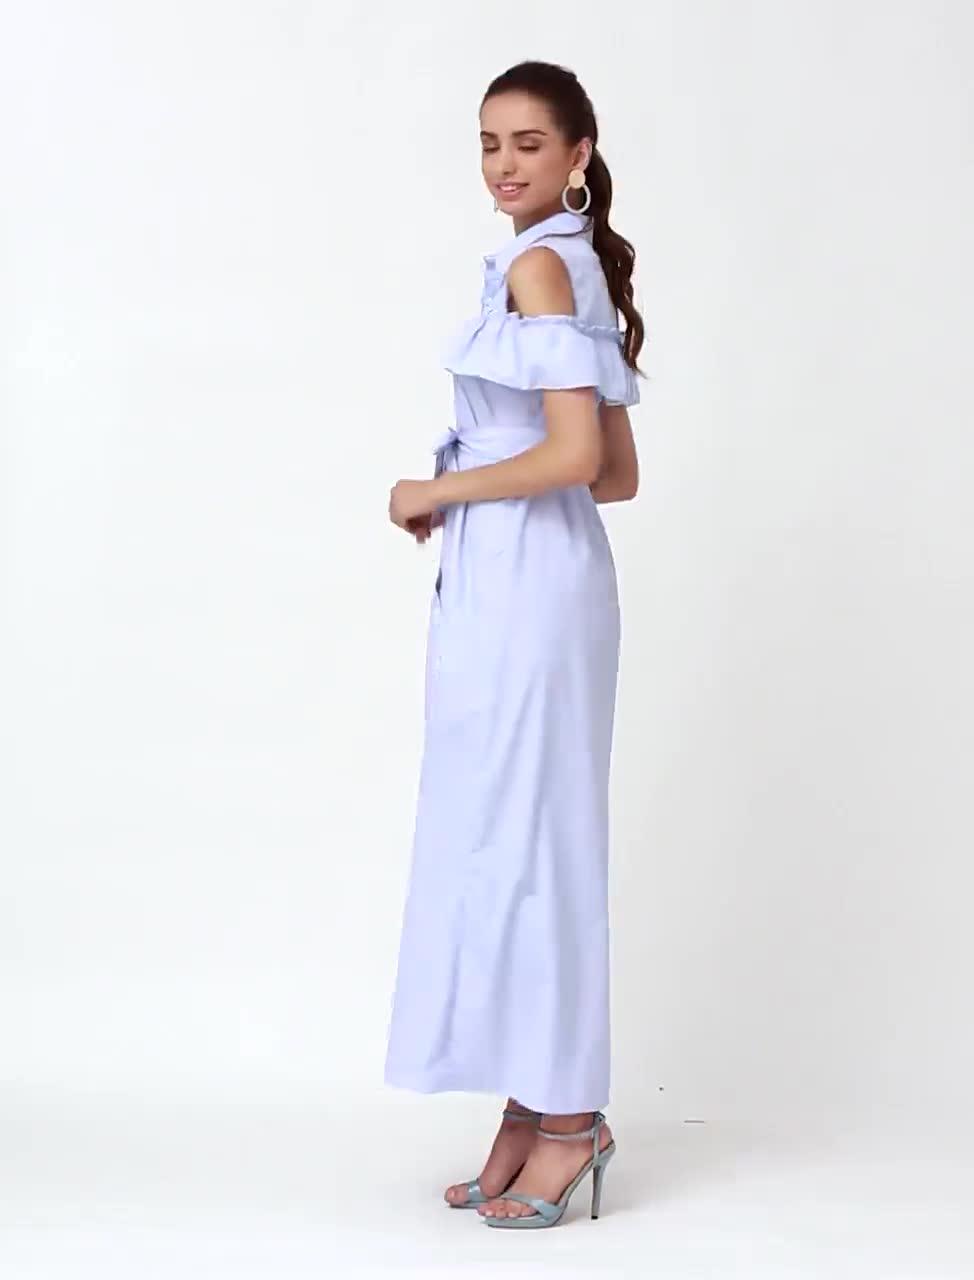 Lässig tragen blau gestreift maxi Kleid Strand Brautkleider Frühling ...